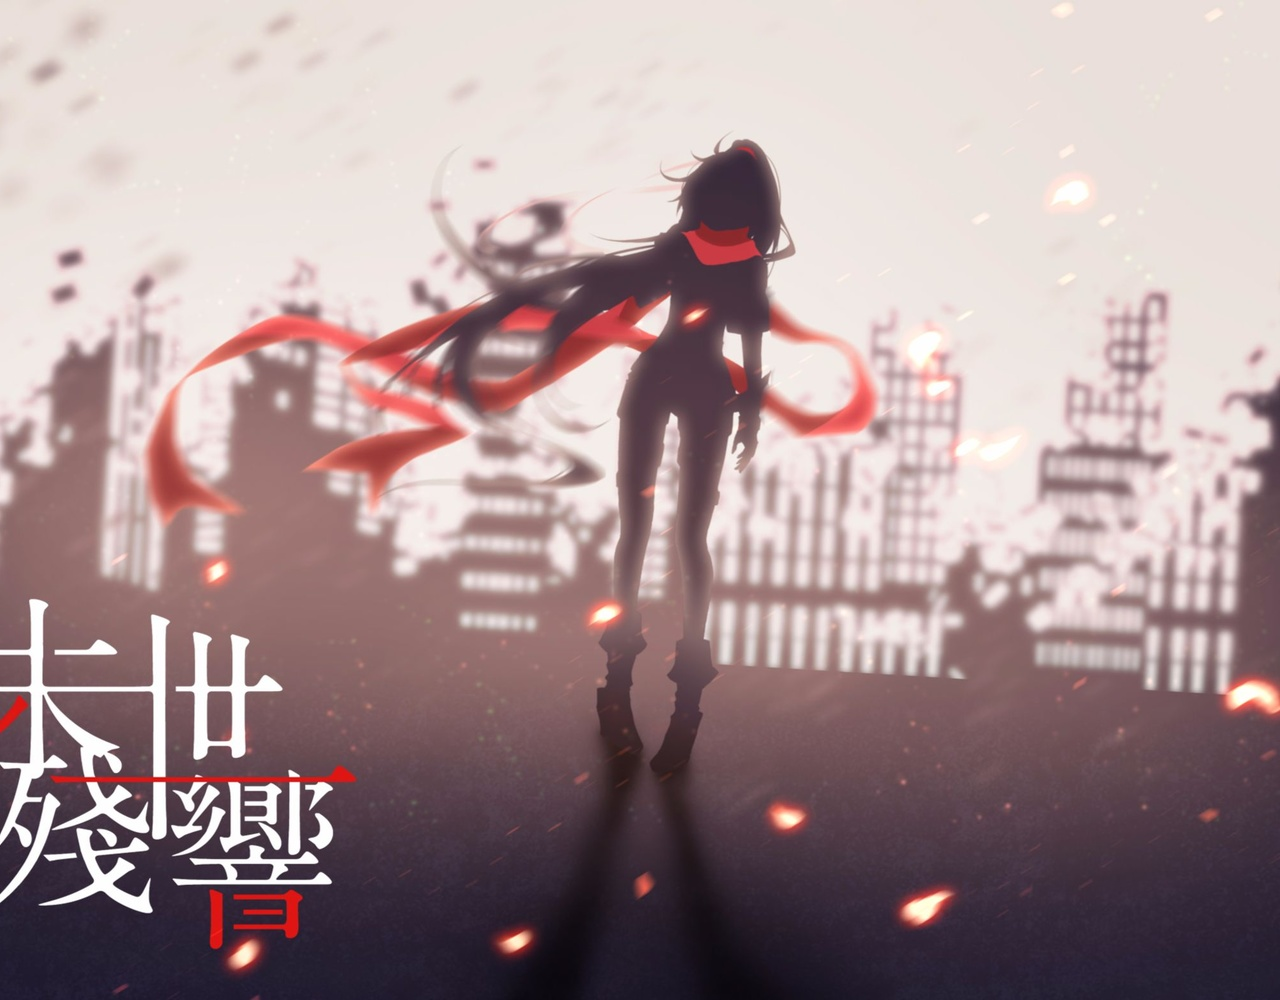 【祖娅纳惜】末世残响【人声本家/PV付】 (Signal-E)